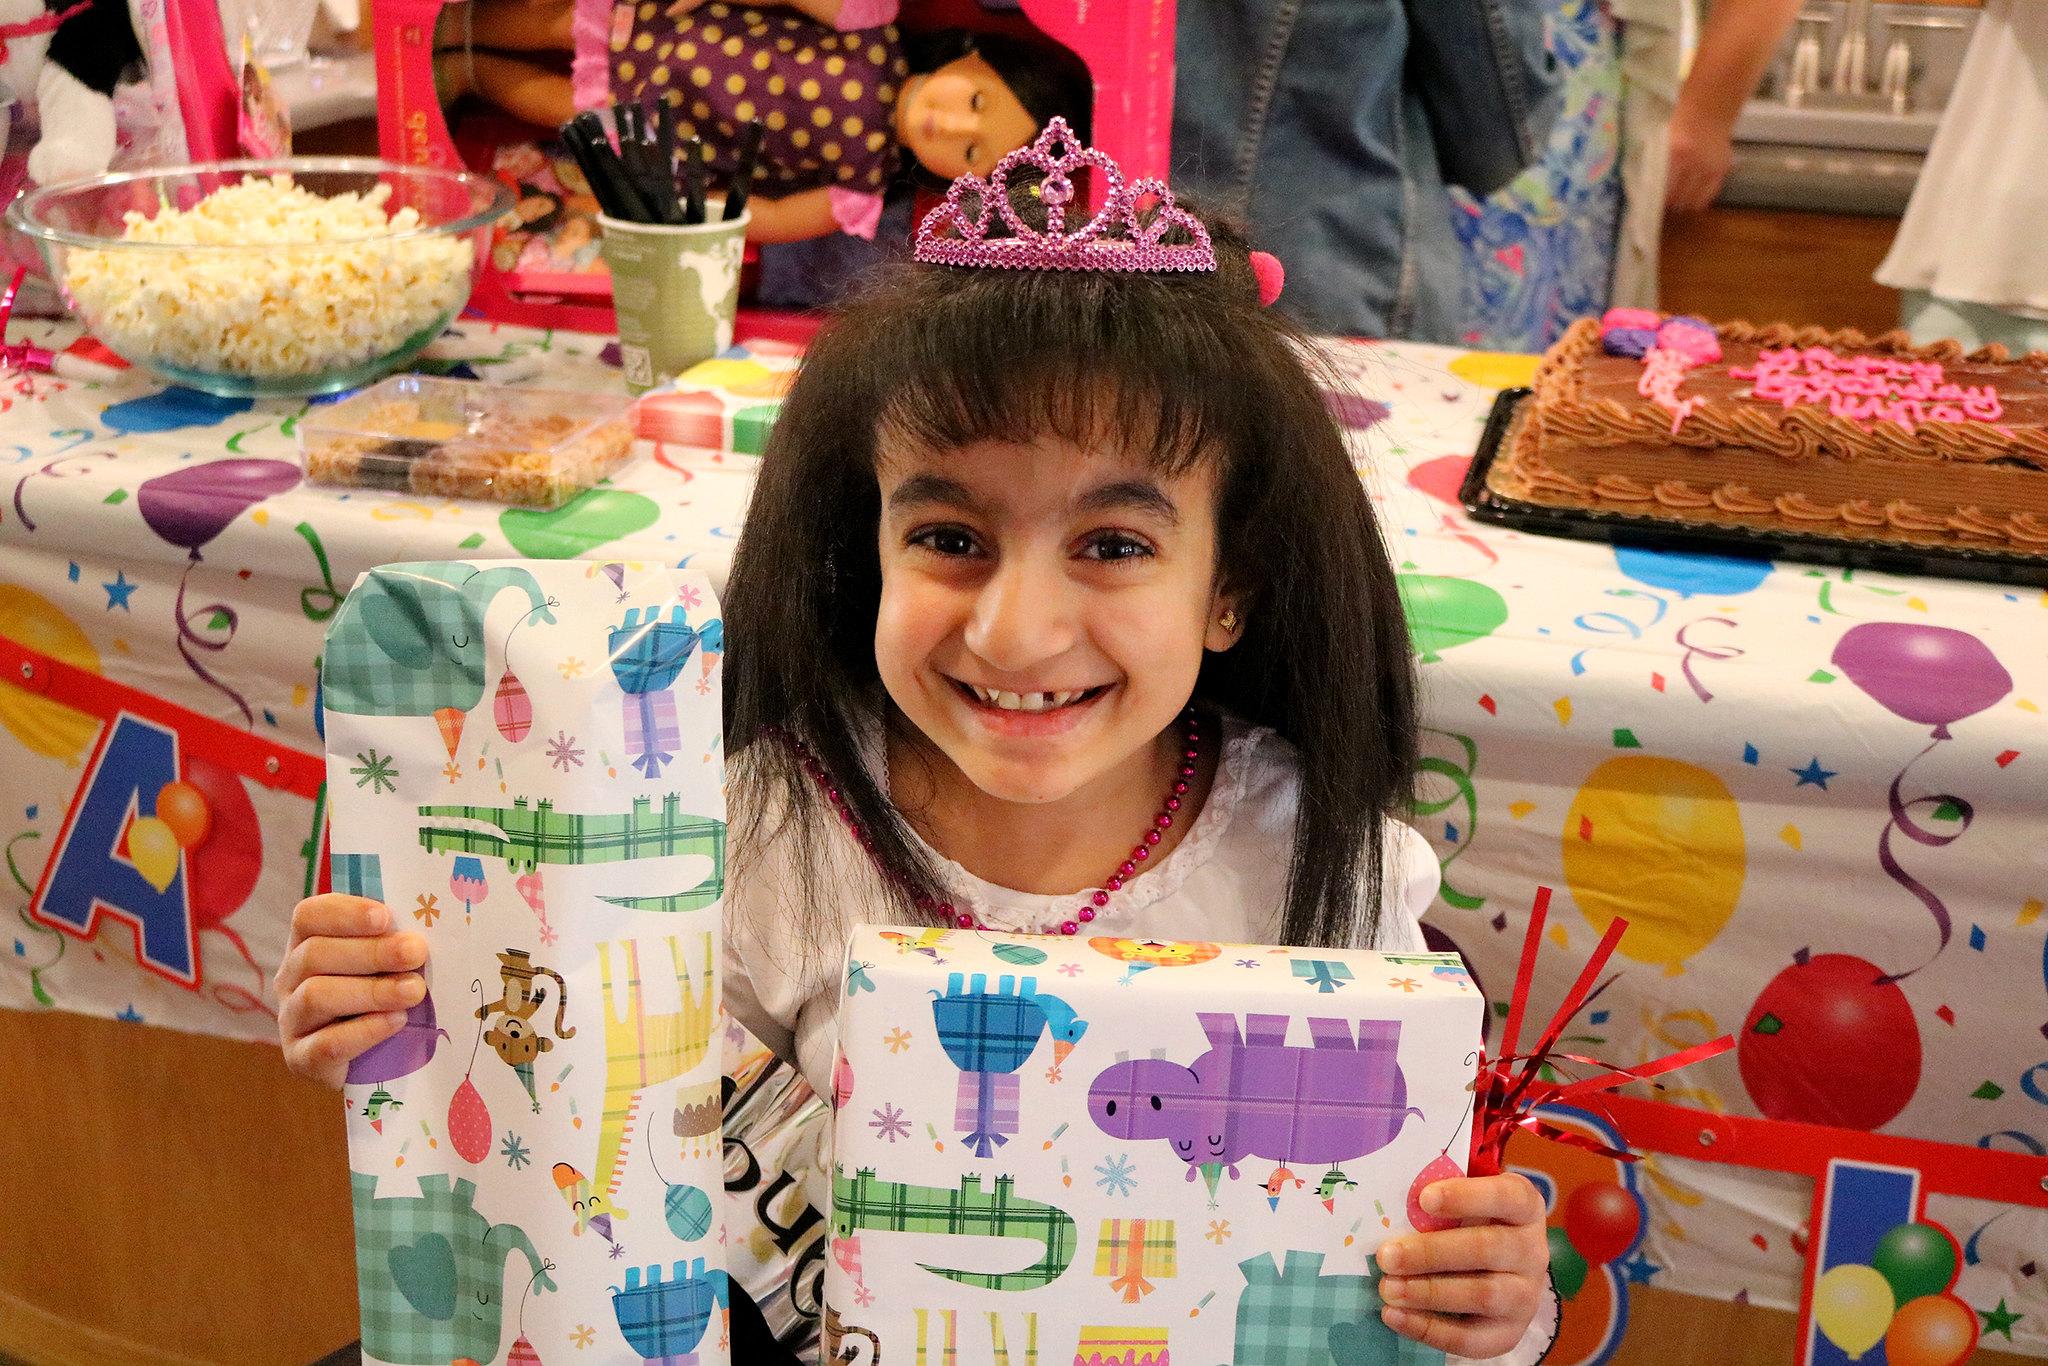 Muna holds up birthday presents